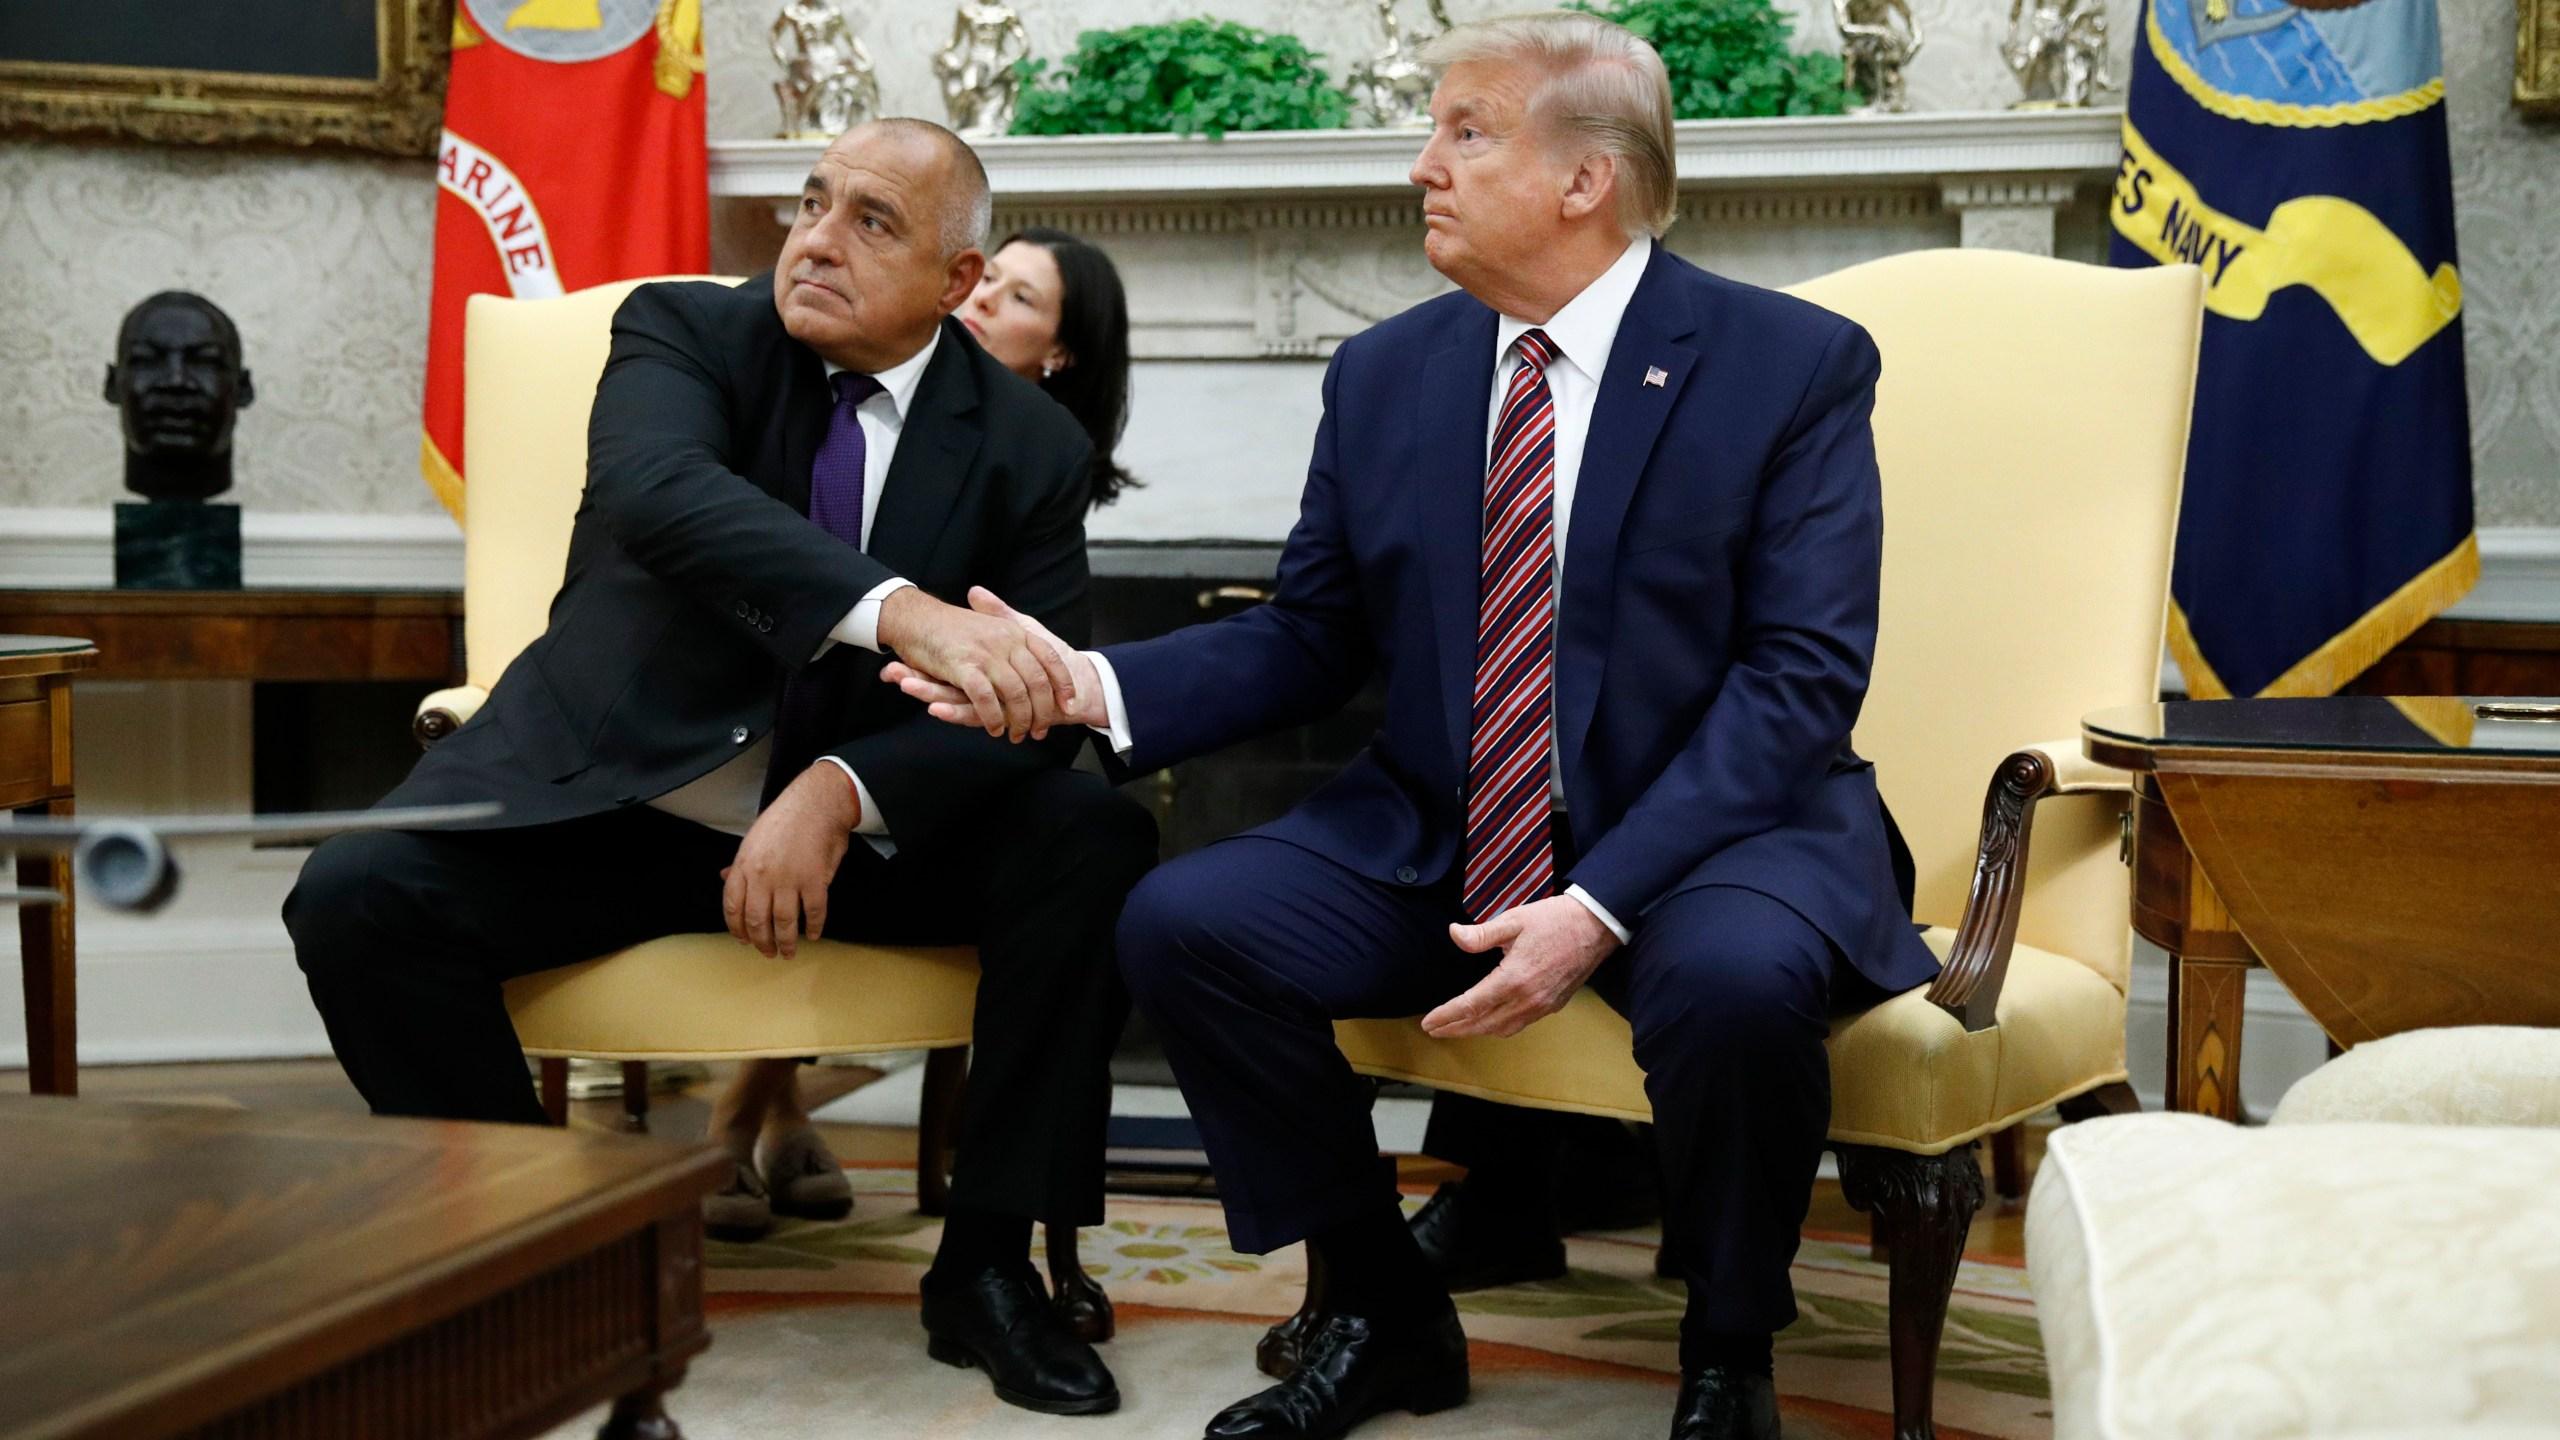 Donald Trump, Boyko Borissov